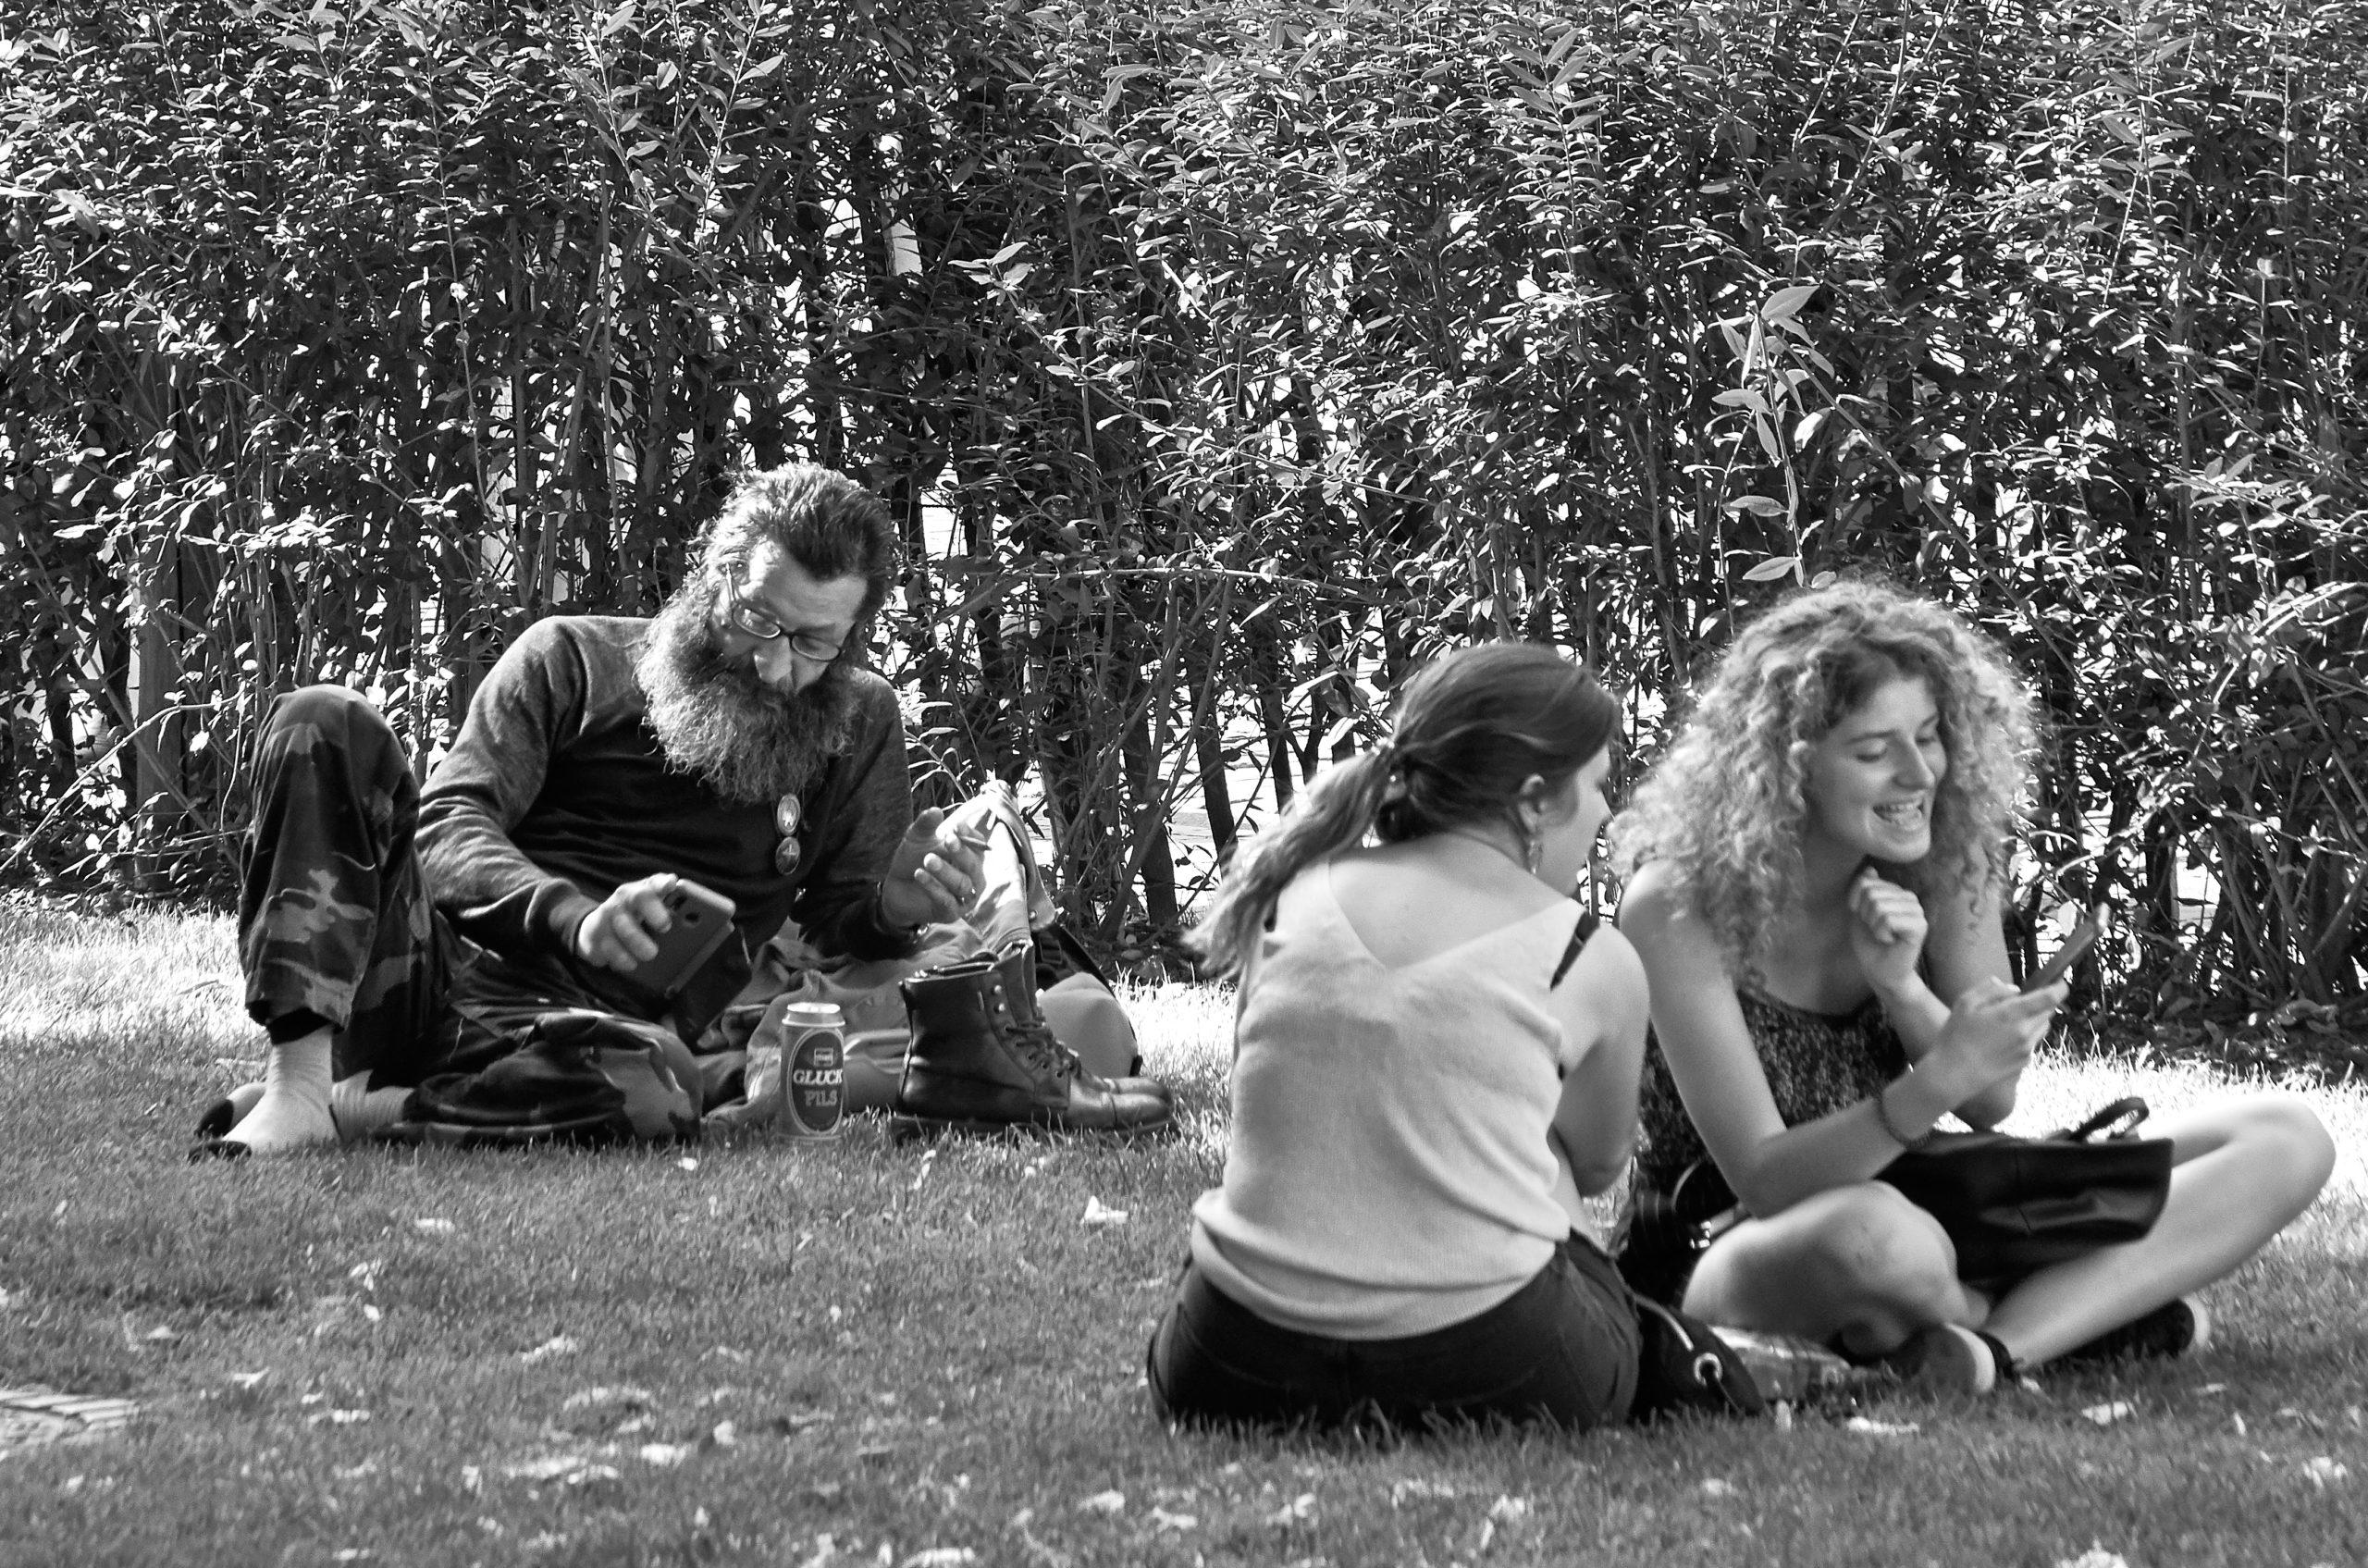 Photo noir et blanc d'un homme et deux femmes assises dans l'herbe dans un parc